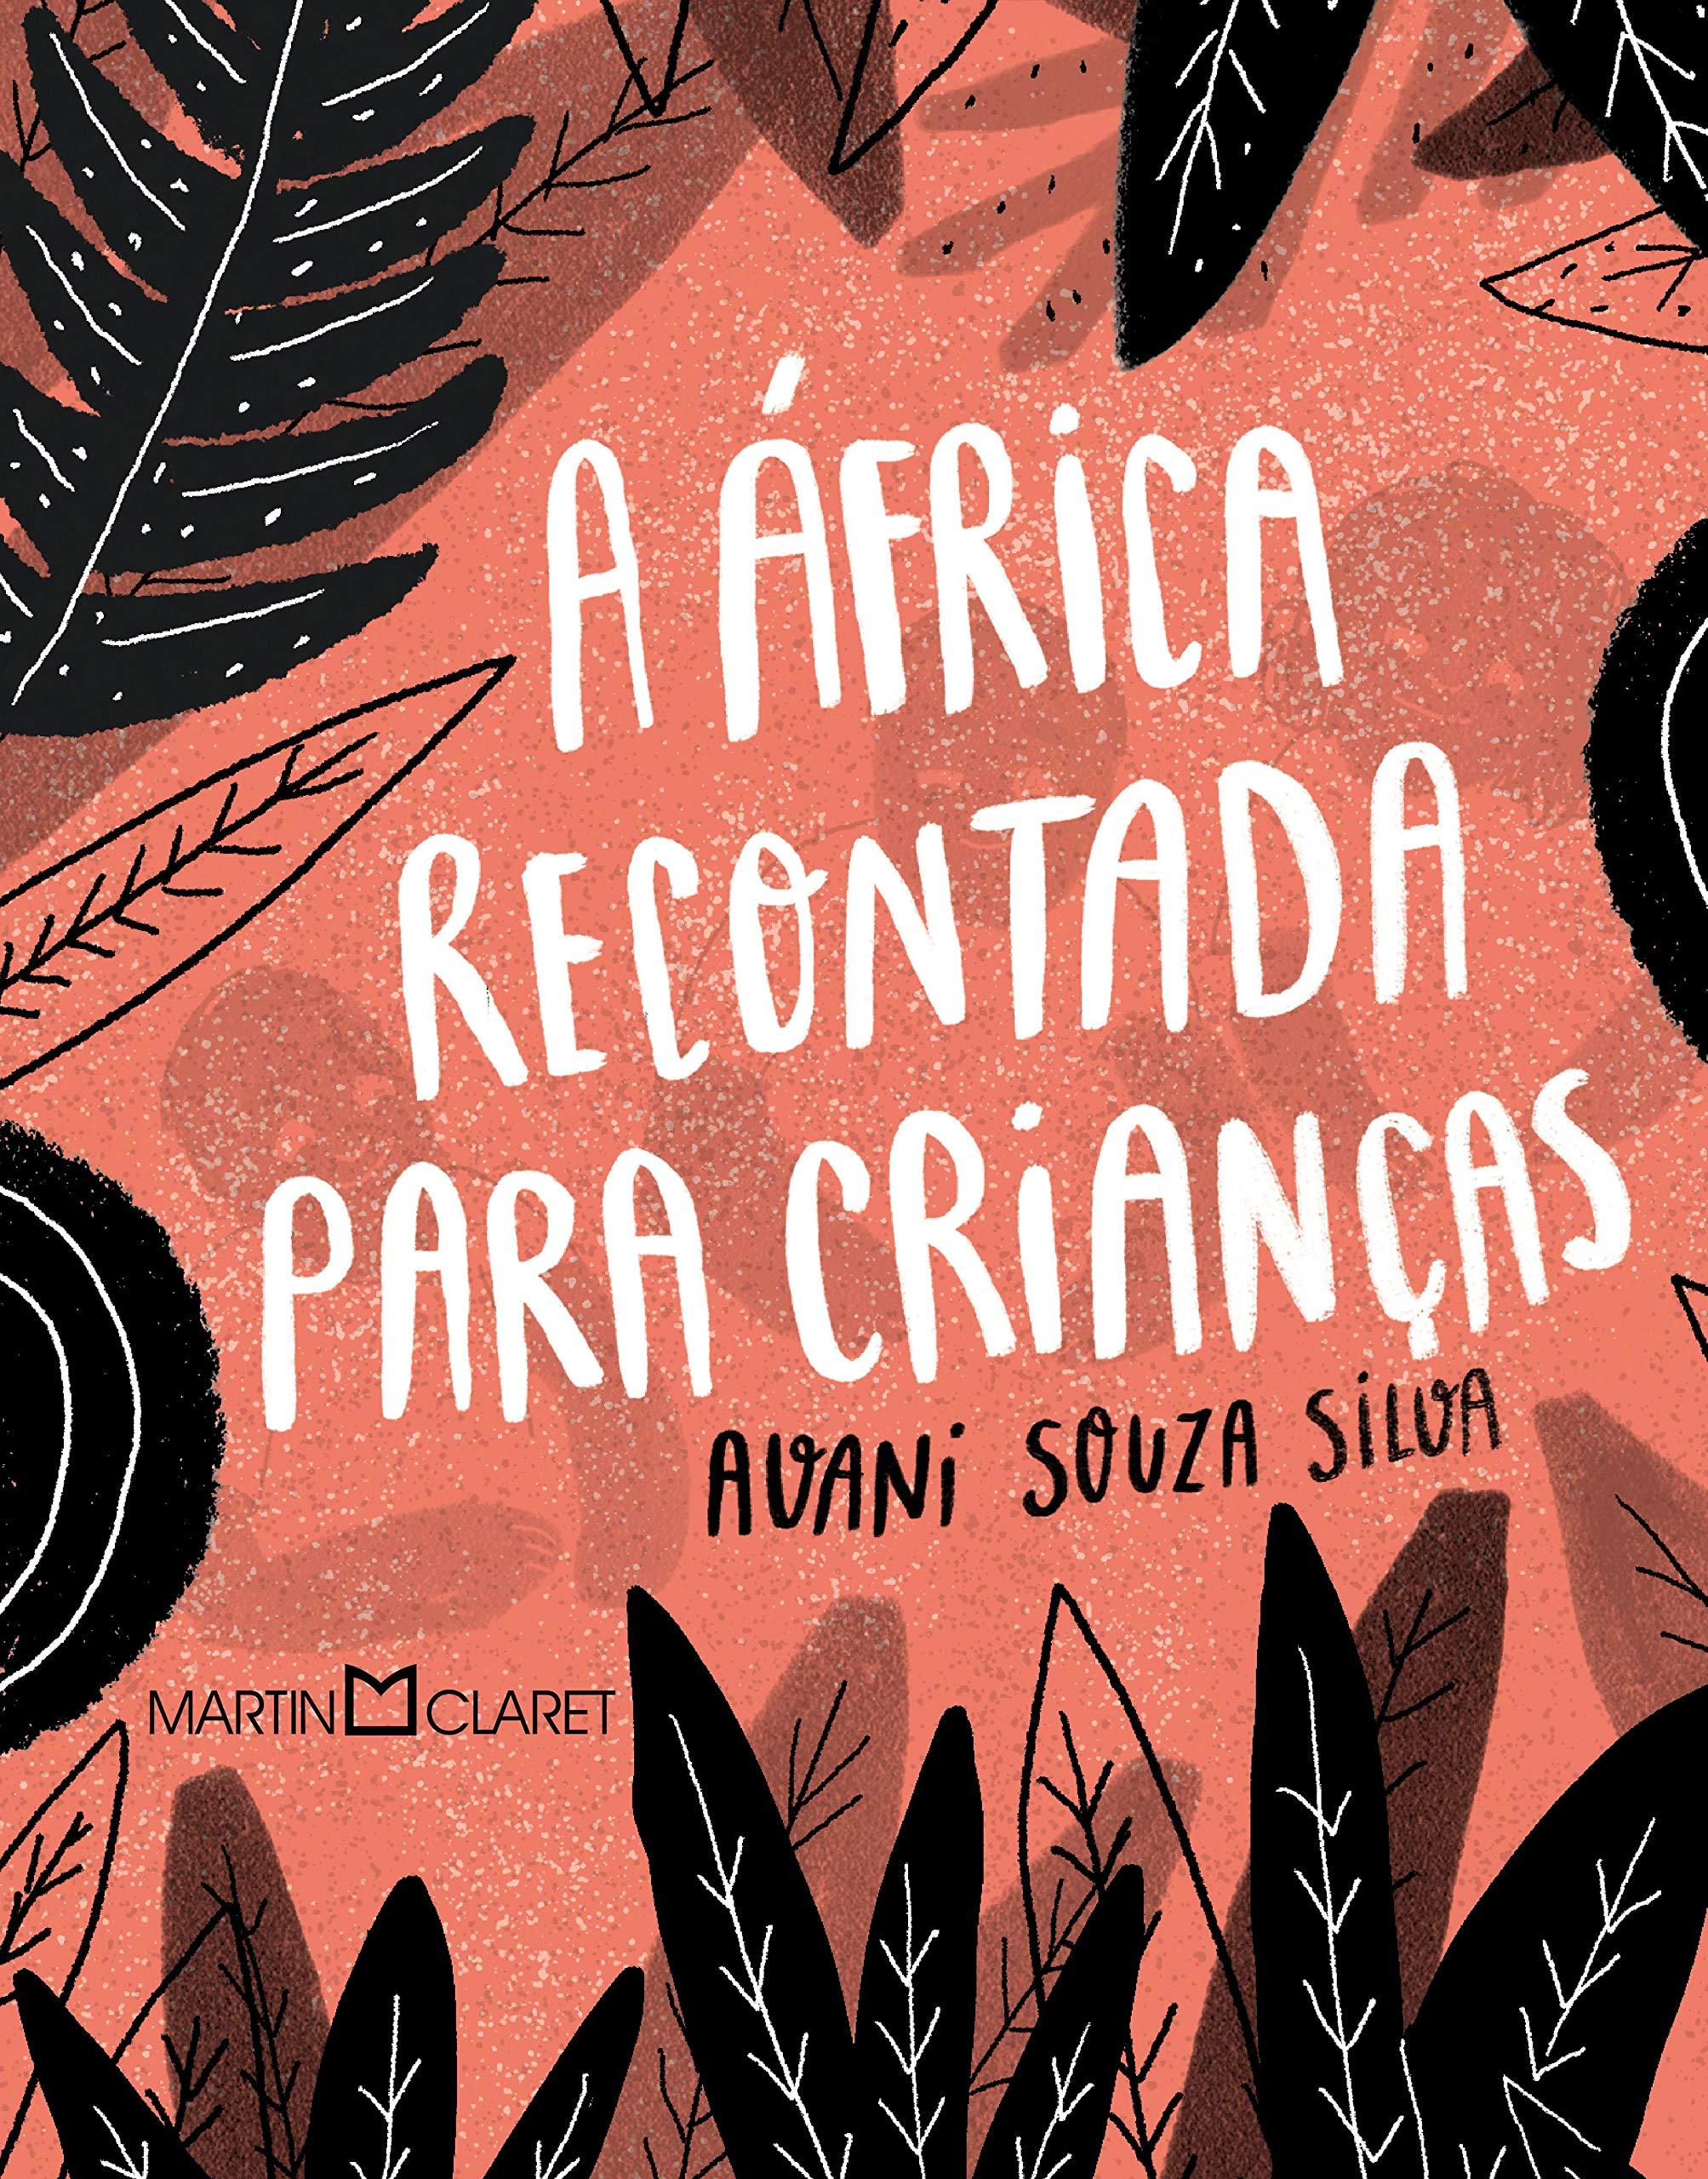 A África recontada para crianças - 9788544002797 - Livros na ...